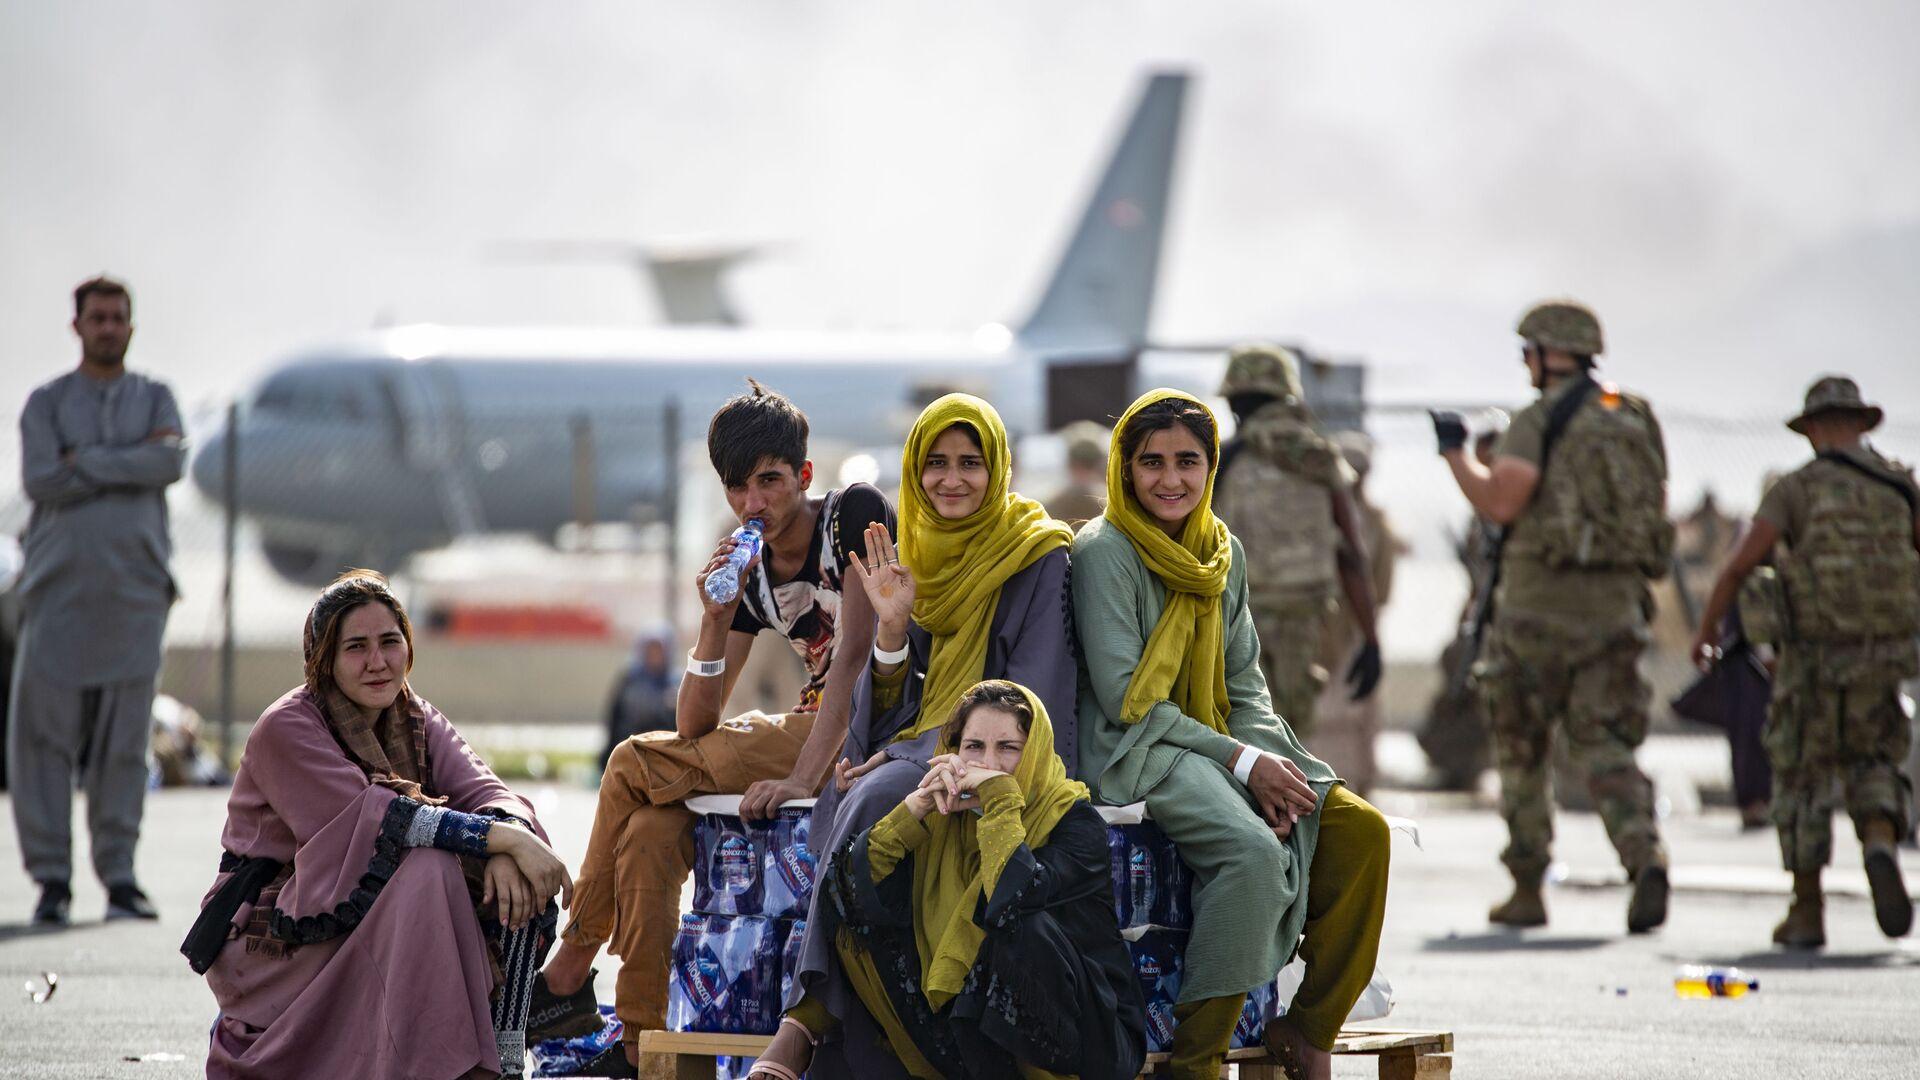 Женщины и дети в ожидании эвакуации в аэропорту Кабула  - Sputnik Việt Nam, 1920, 14.10.2021